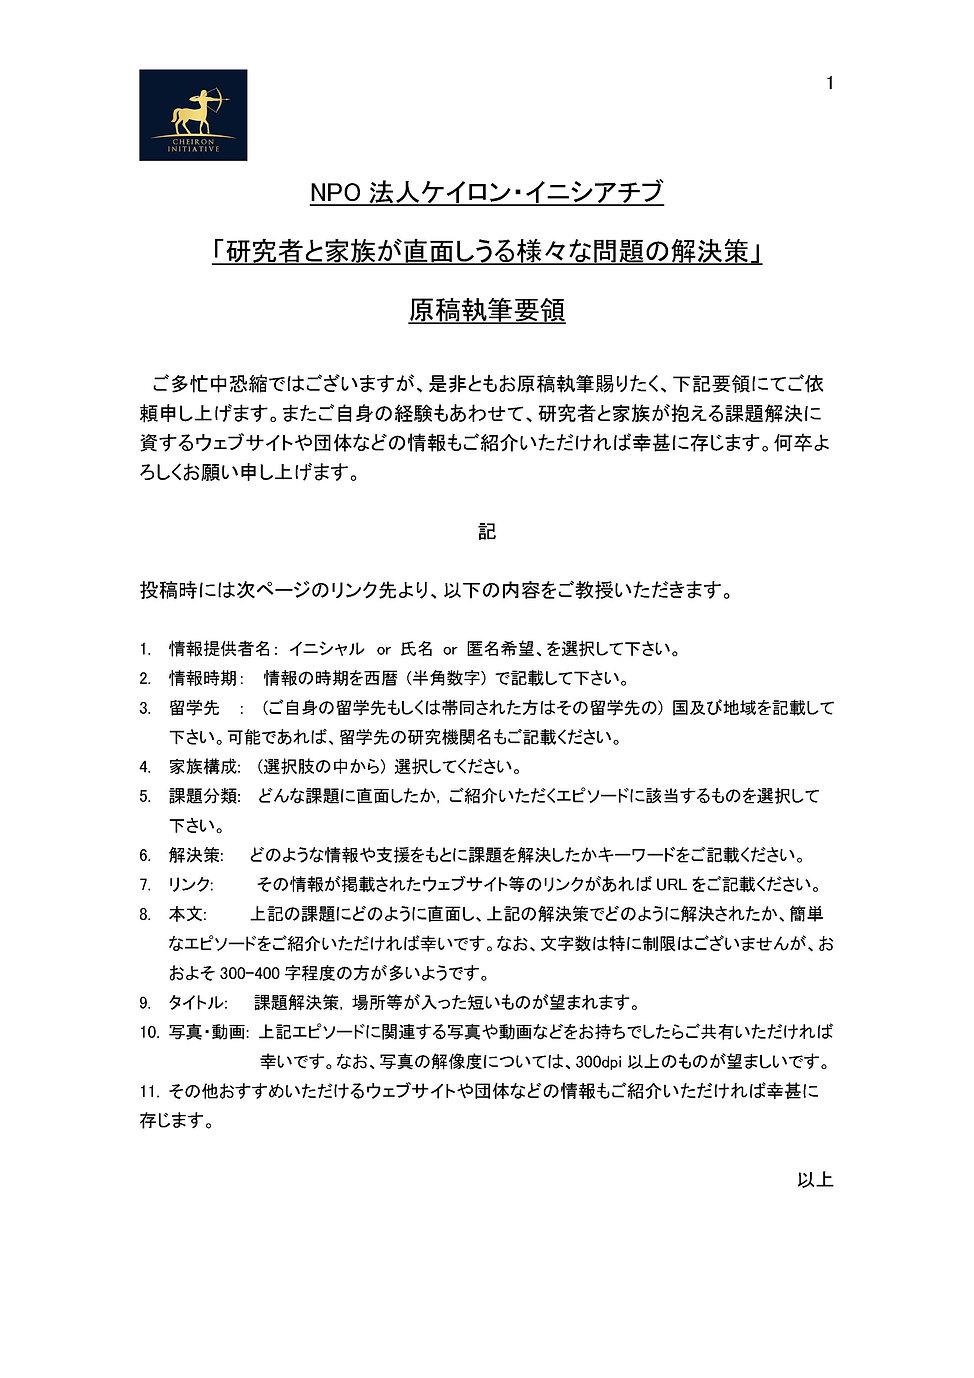 ケイロン記事執筆要領_webiste_20200430_ページ_1.jpg